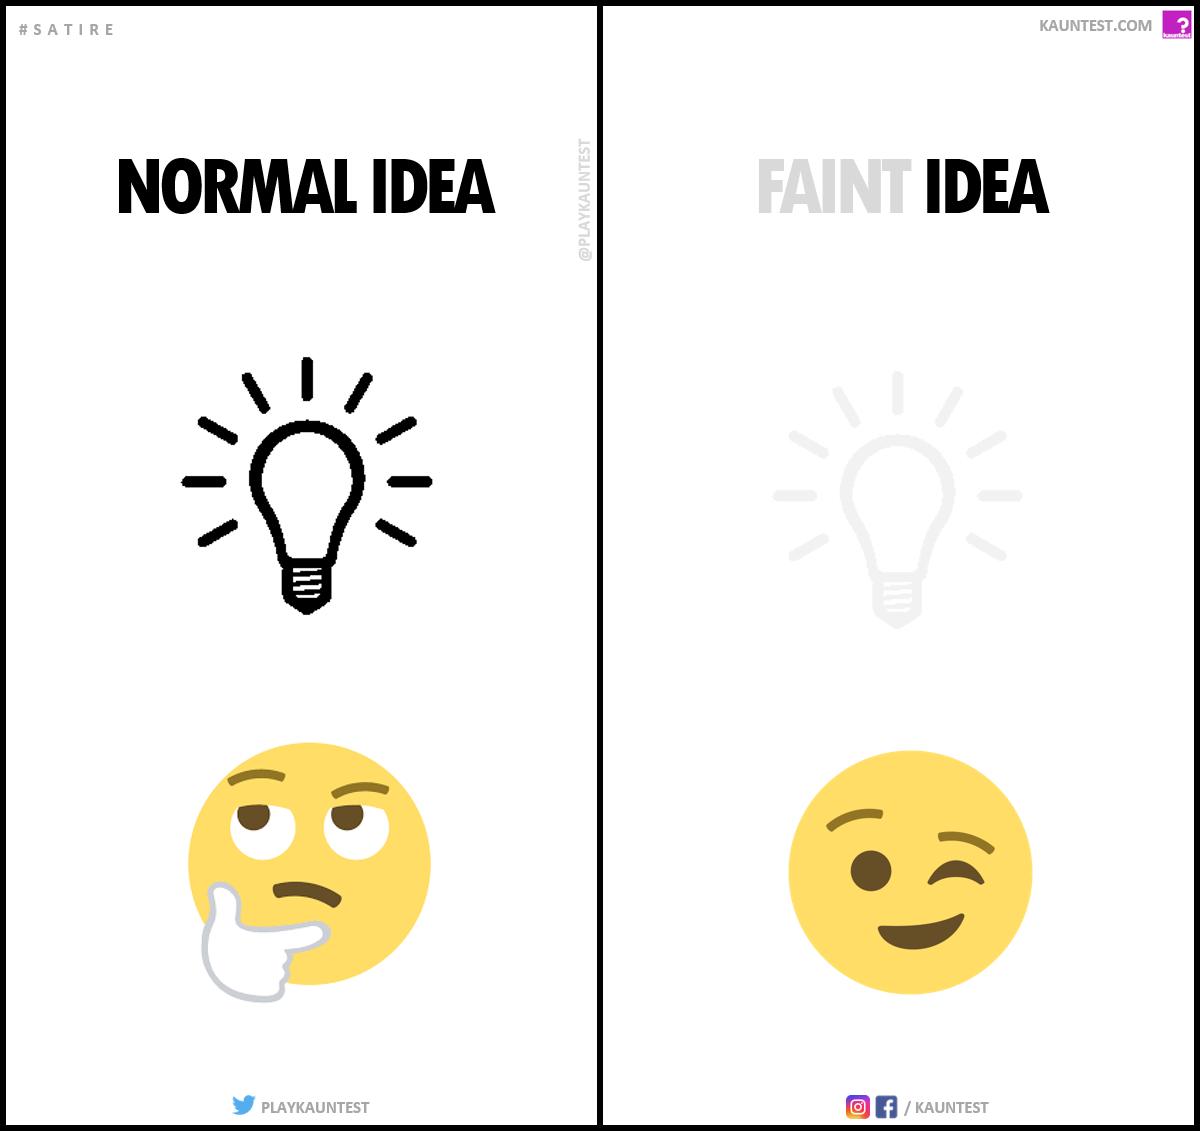 ideafaint